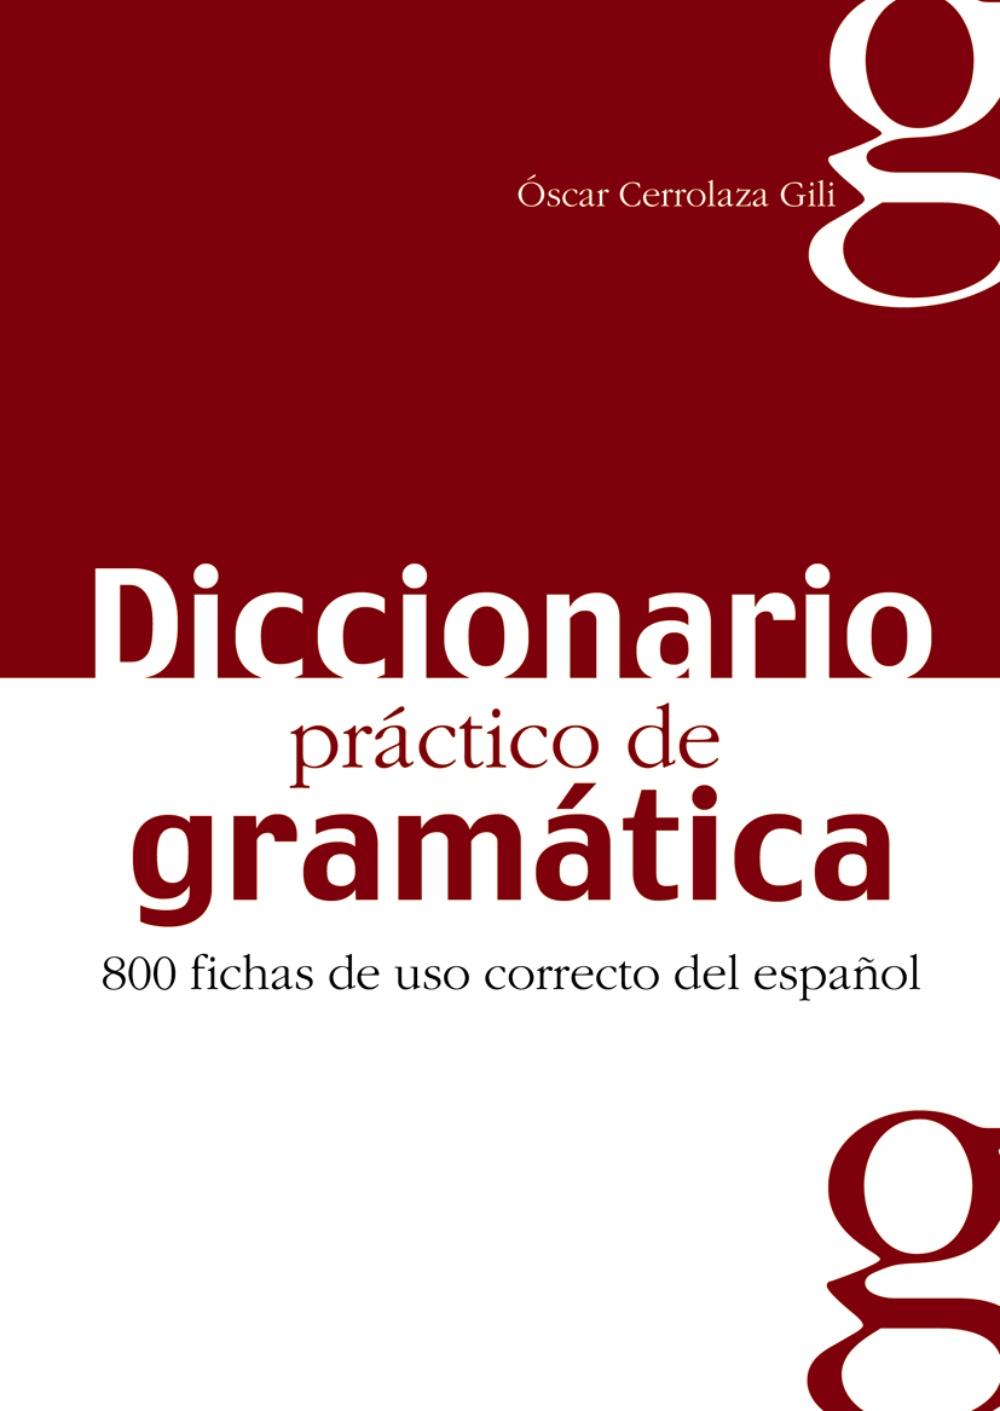 diccionario practico de gramatica: 800 fichas de uso correcto del español-oscar cerrolaza gili-9788477116042